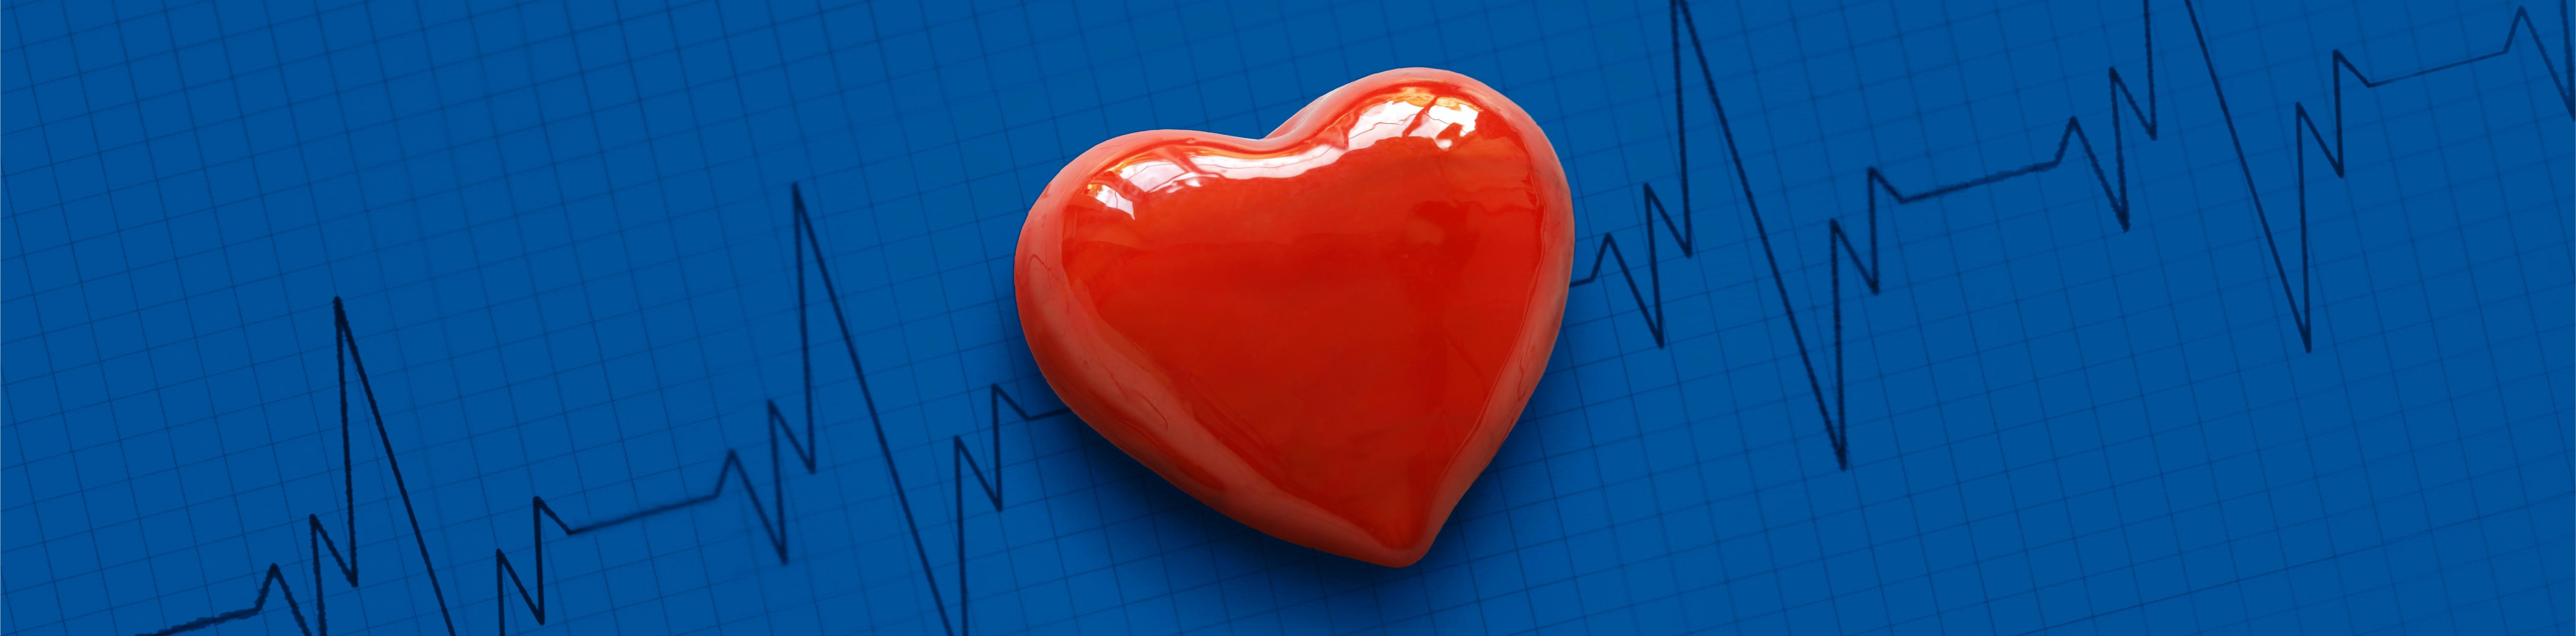 Programul de readaptare cardiacă/ recuperare cardiovasculară post COVID-19